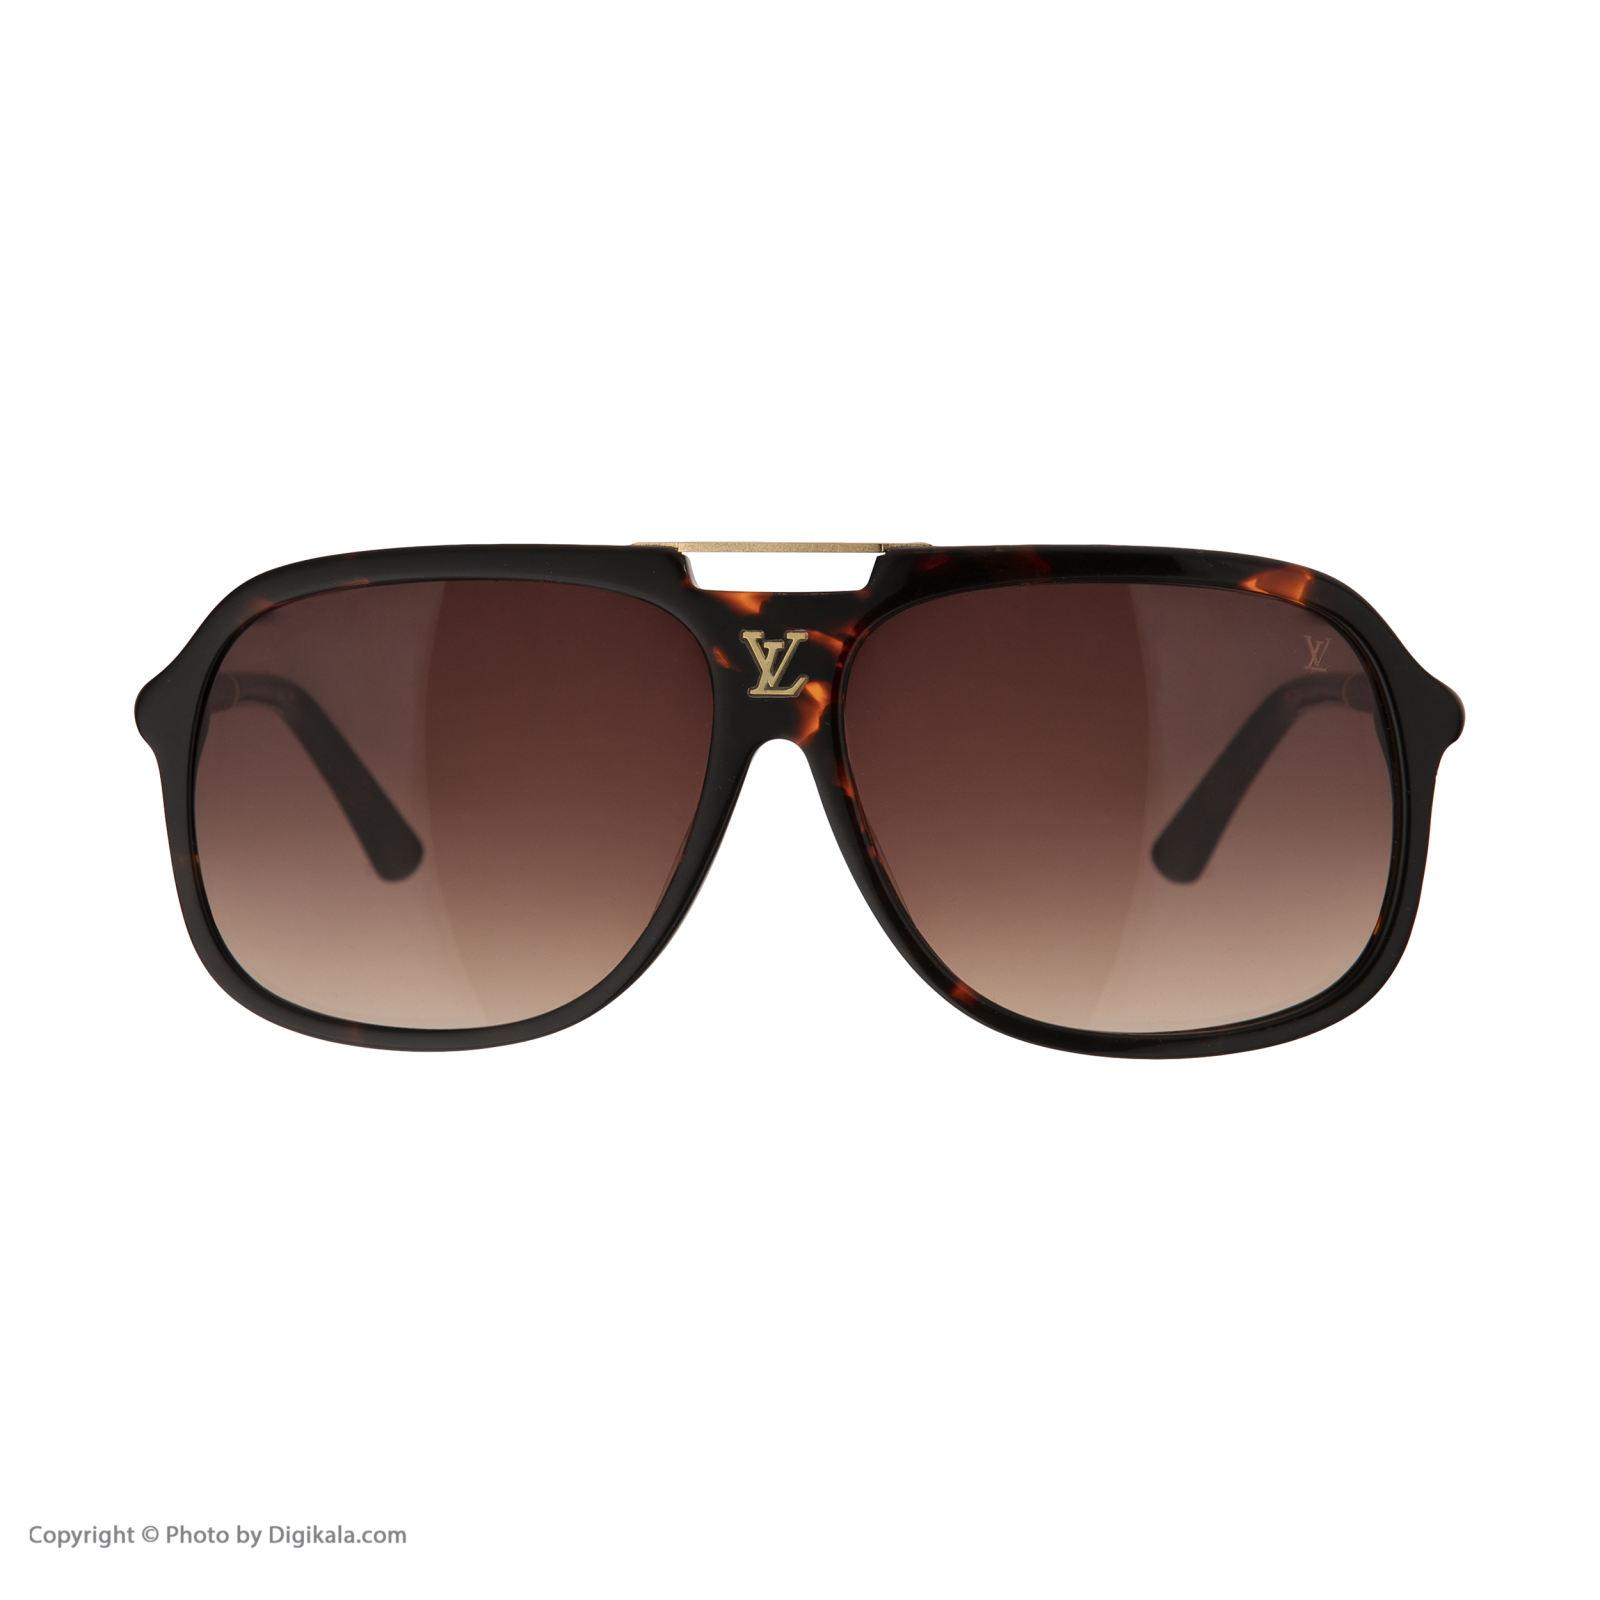 عینک آفتابی لویی ویتون مدل 2977 -  - 3